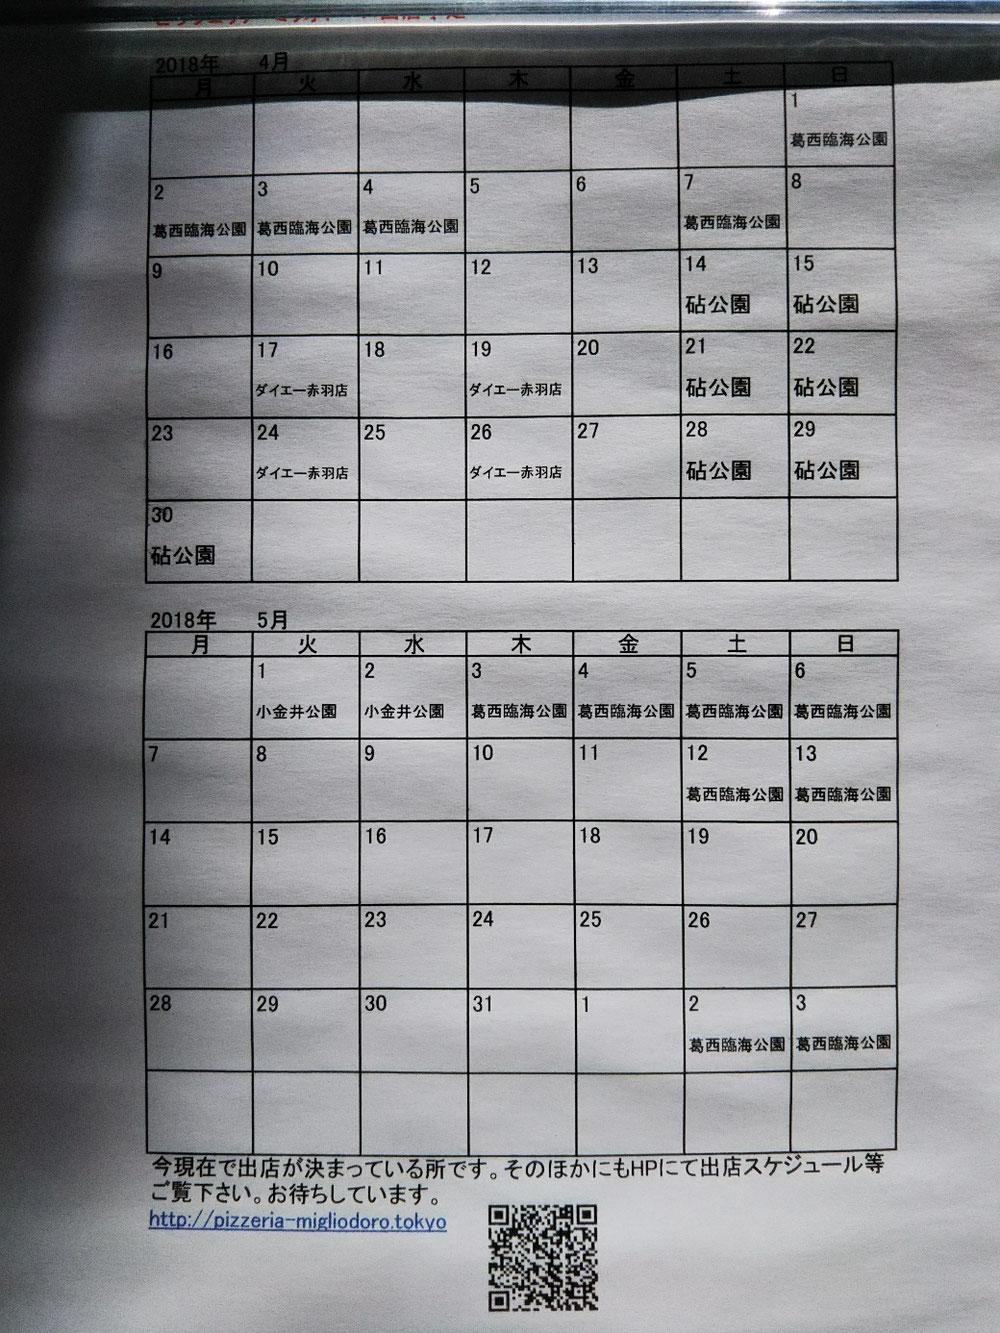 キッチンカーの予定表